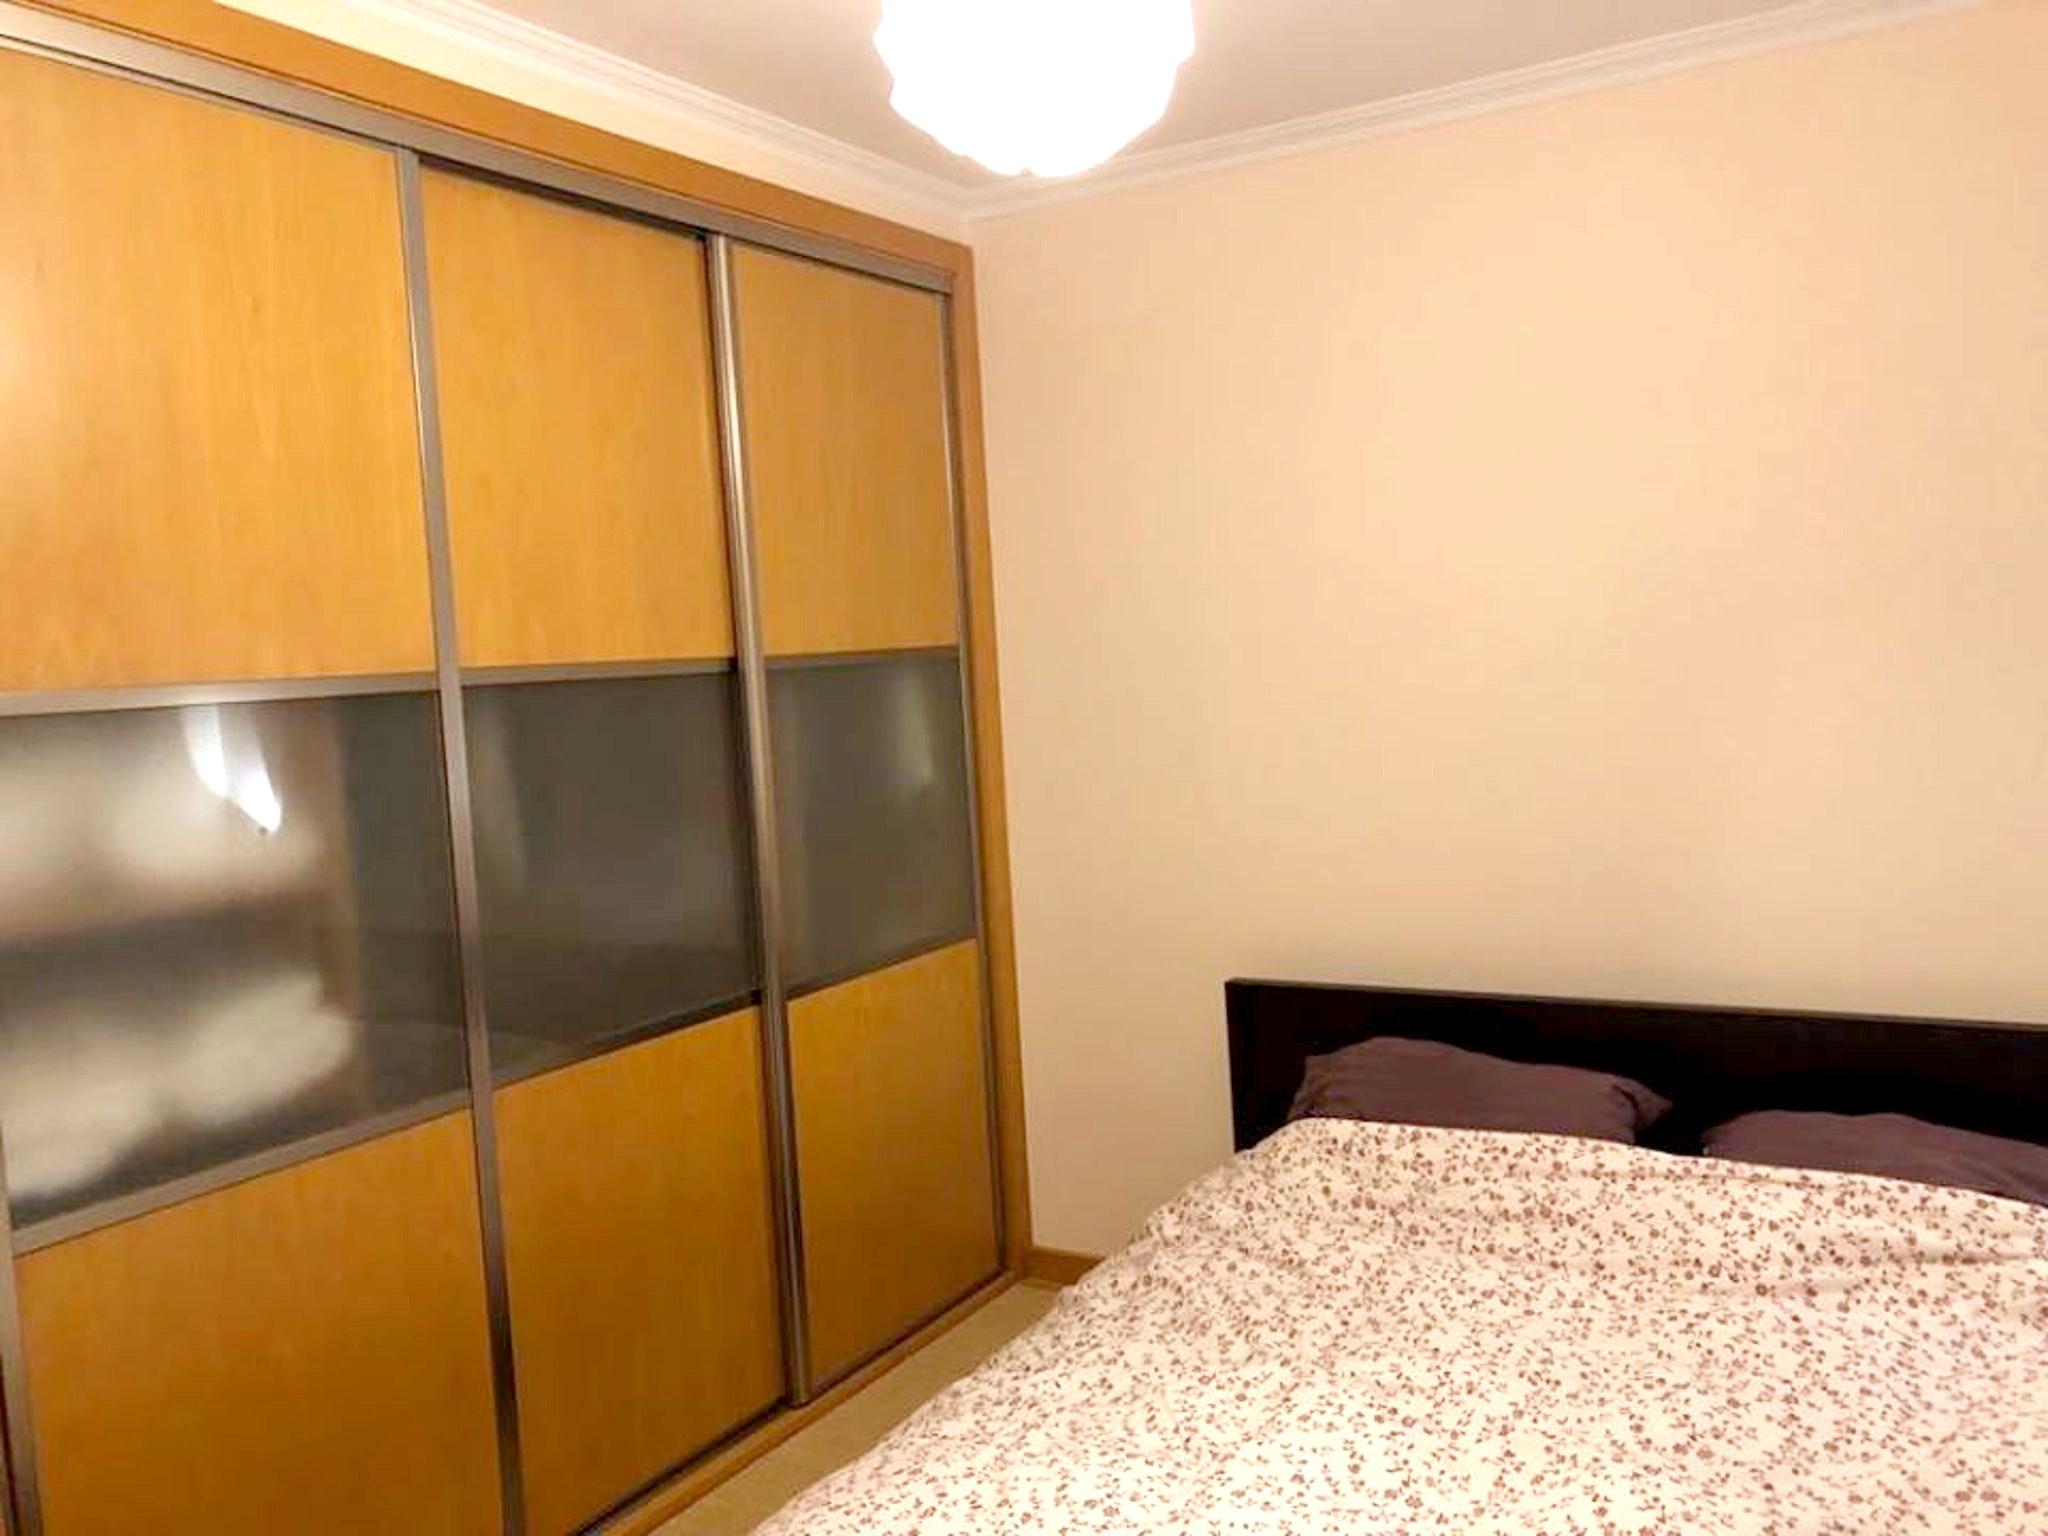 Ferienwohnung Wohnung mit einem Schlafzimmer in Peniche mit Terrasse und W-LAN - 400 m vom Strand entfer (2622208), Peniche, Costa de Prata, Zentral-Portugal, Portugal, Bild 7